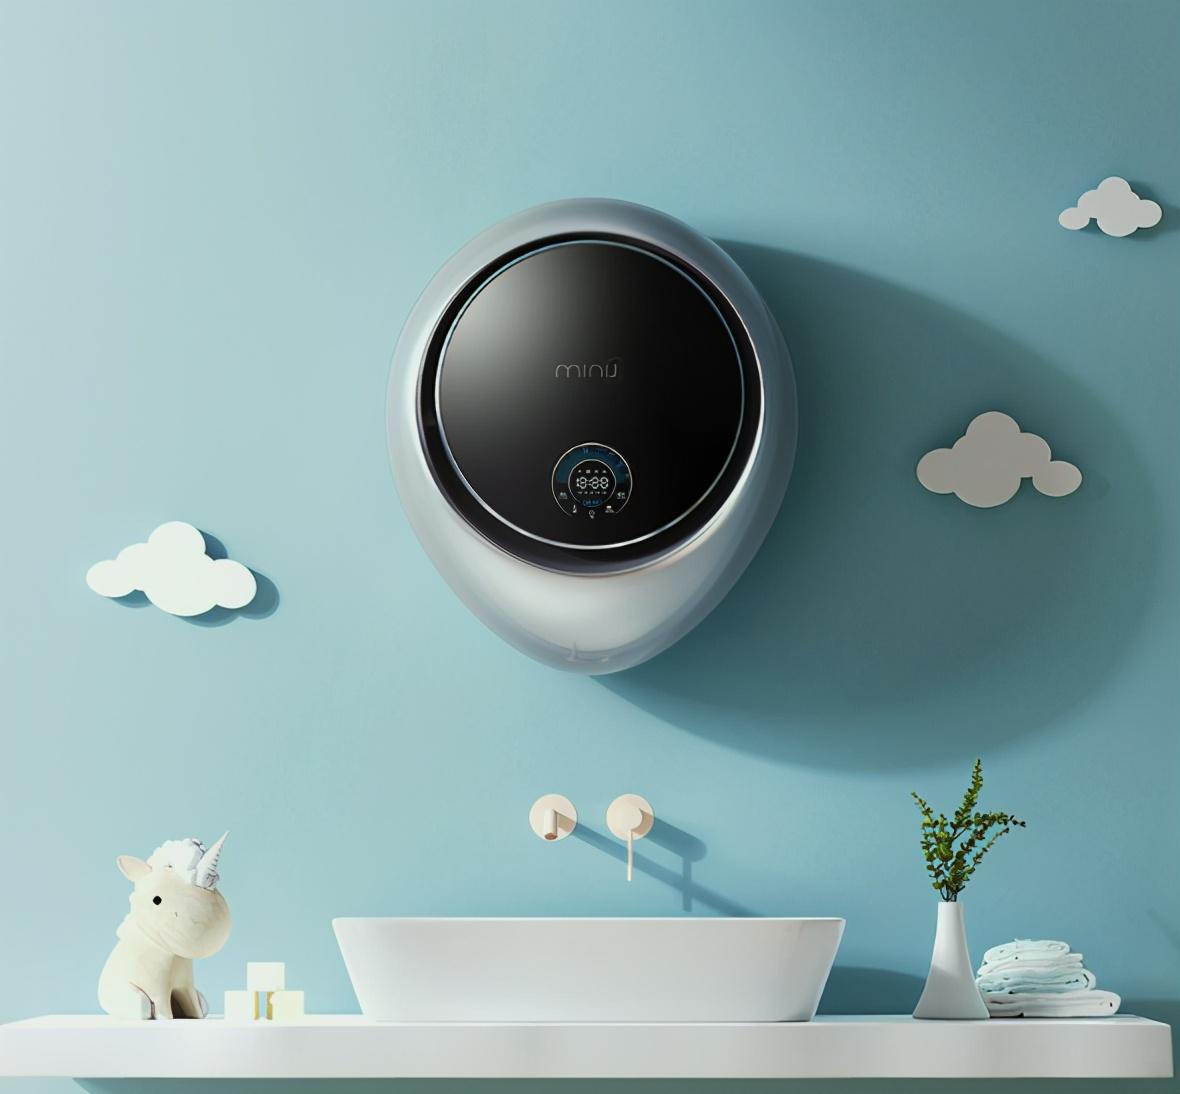 以爱为名:为宝宝准备了一款智能壁挂洗烘一体机